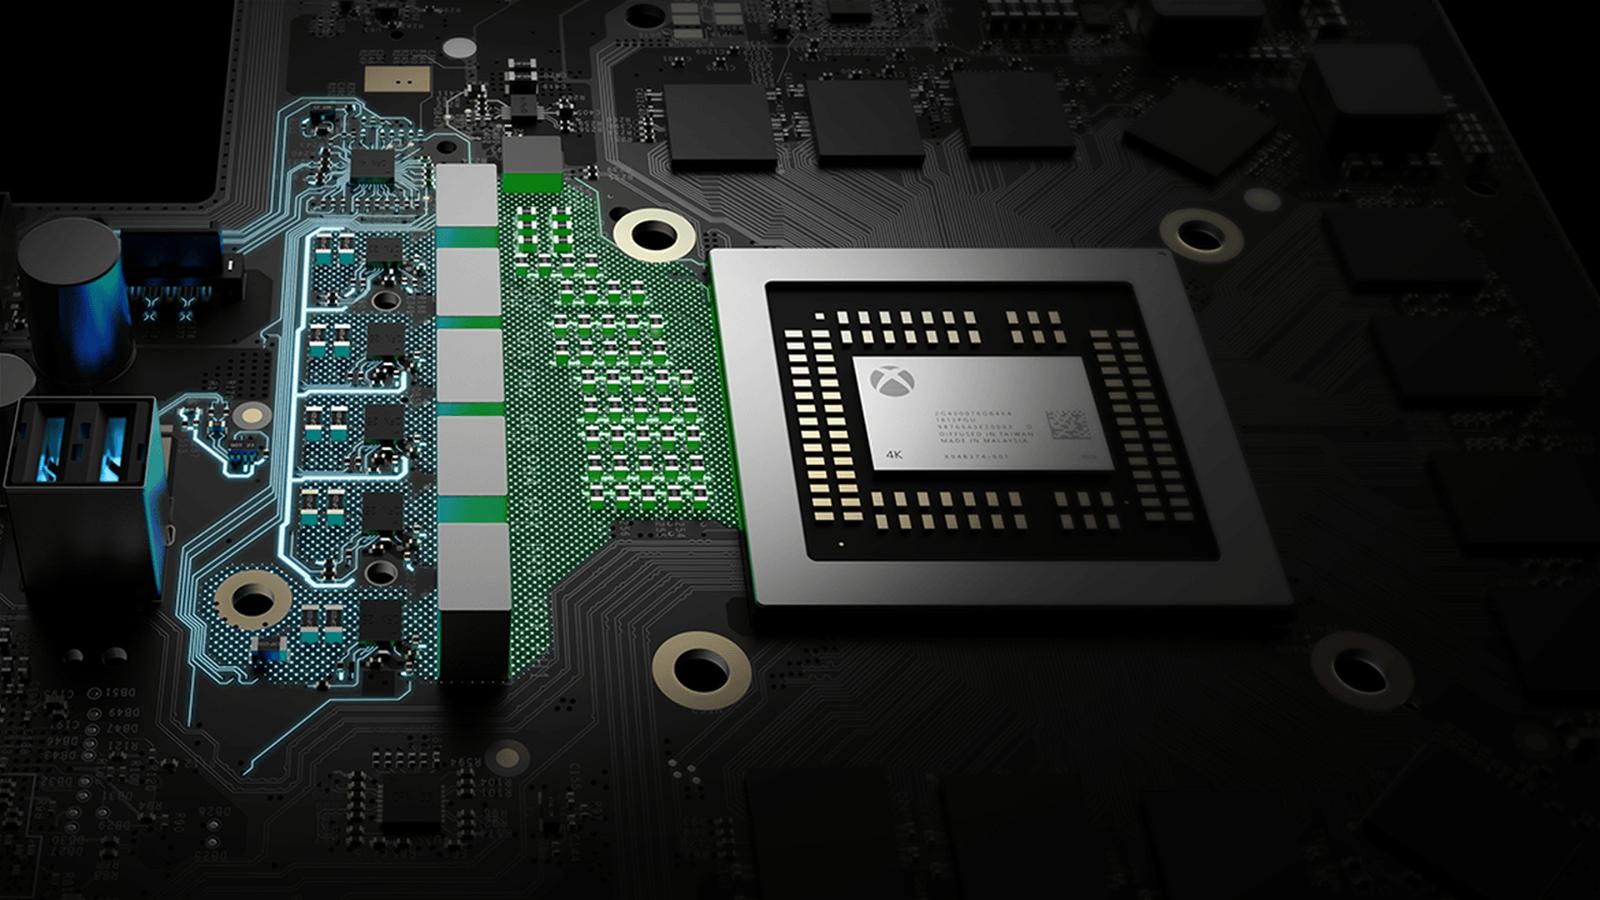 Microsoft registra el posible logo de Project Scorpio